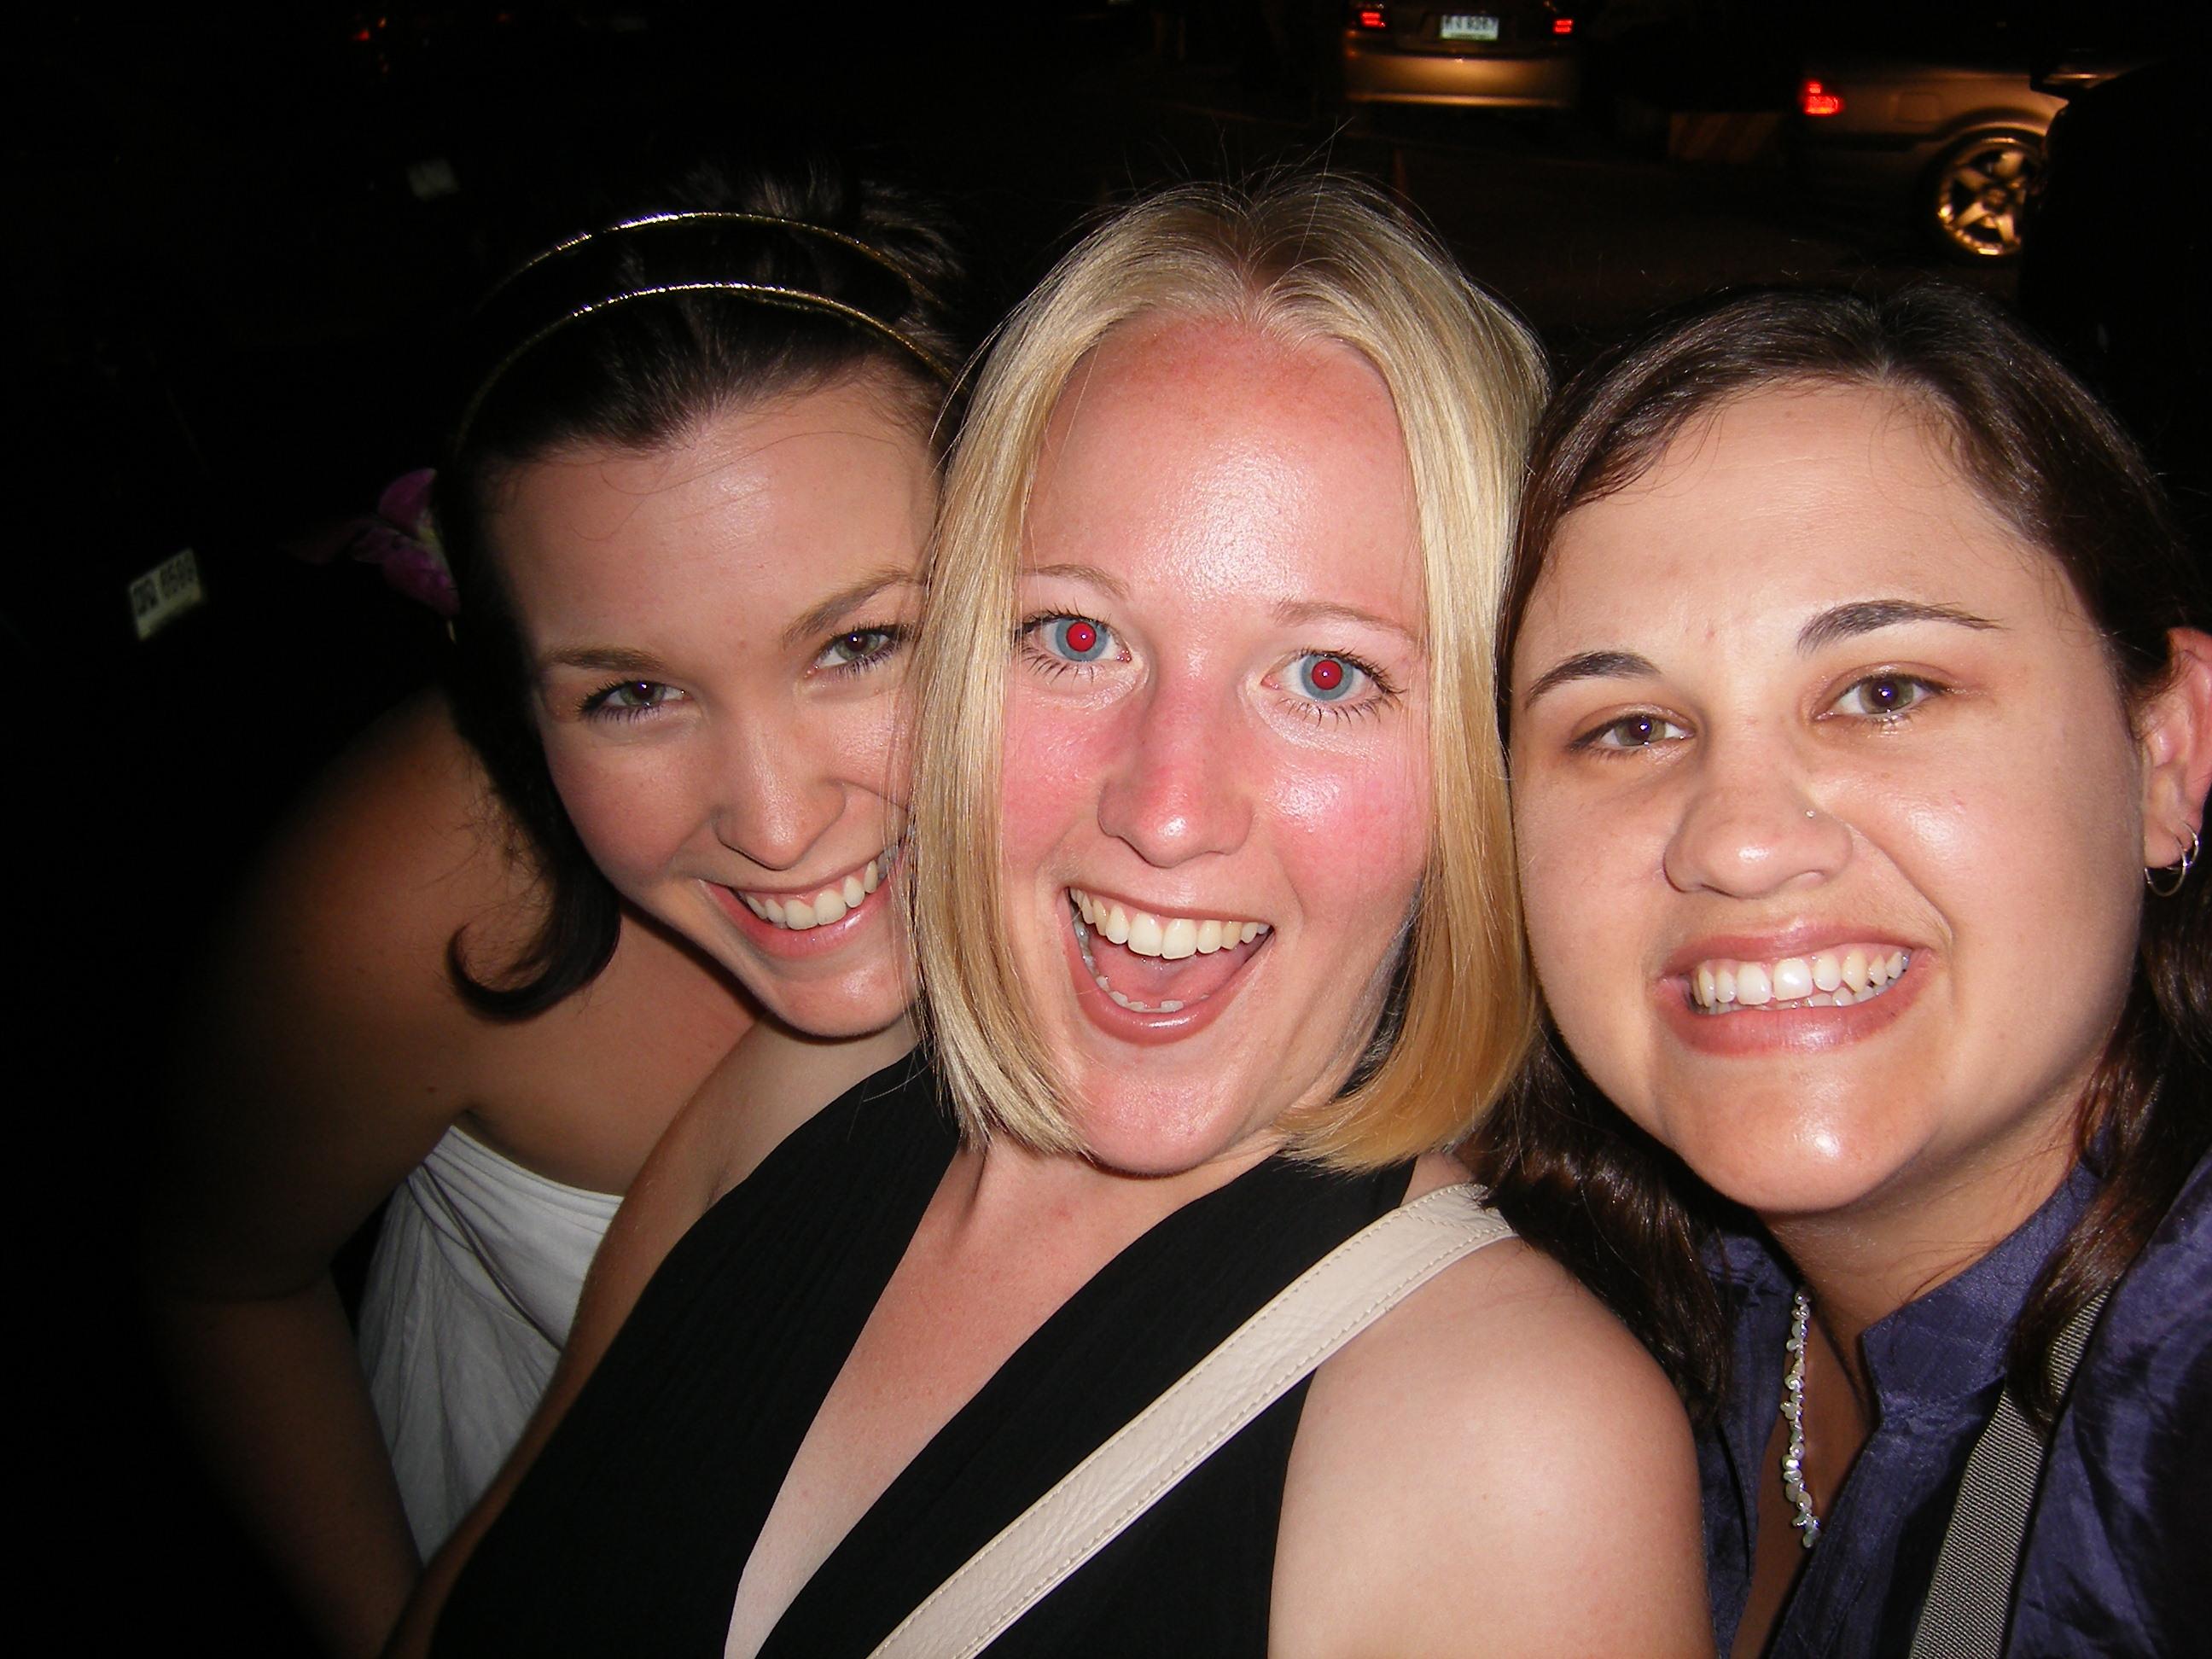 Rhiannen, Hannah and Kandis